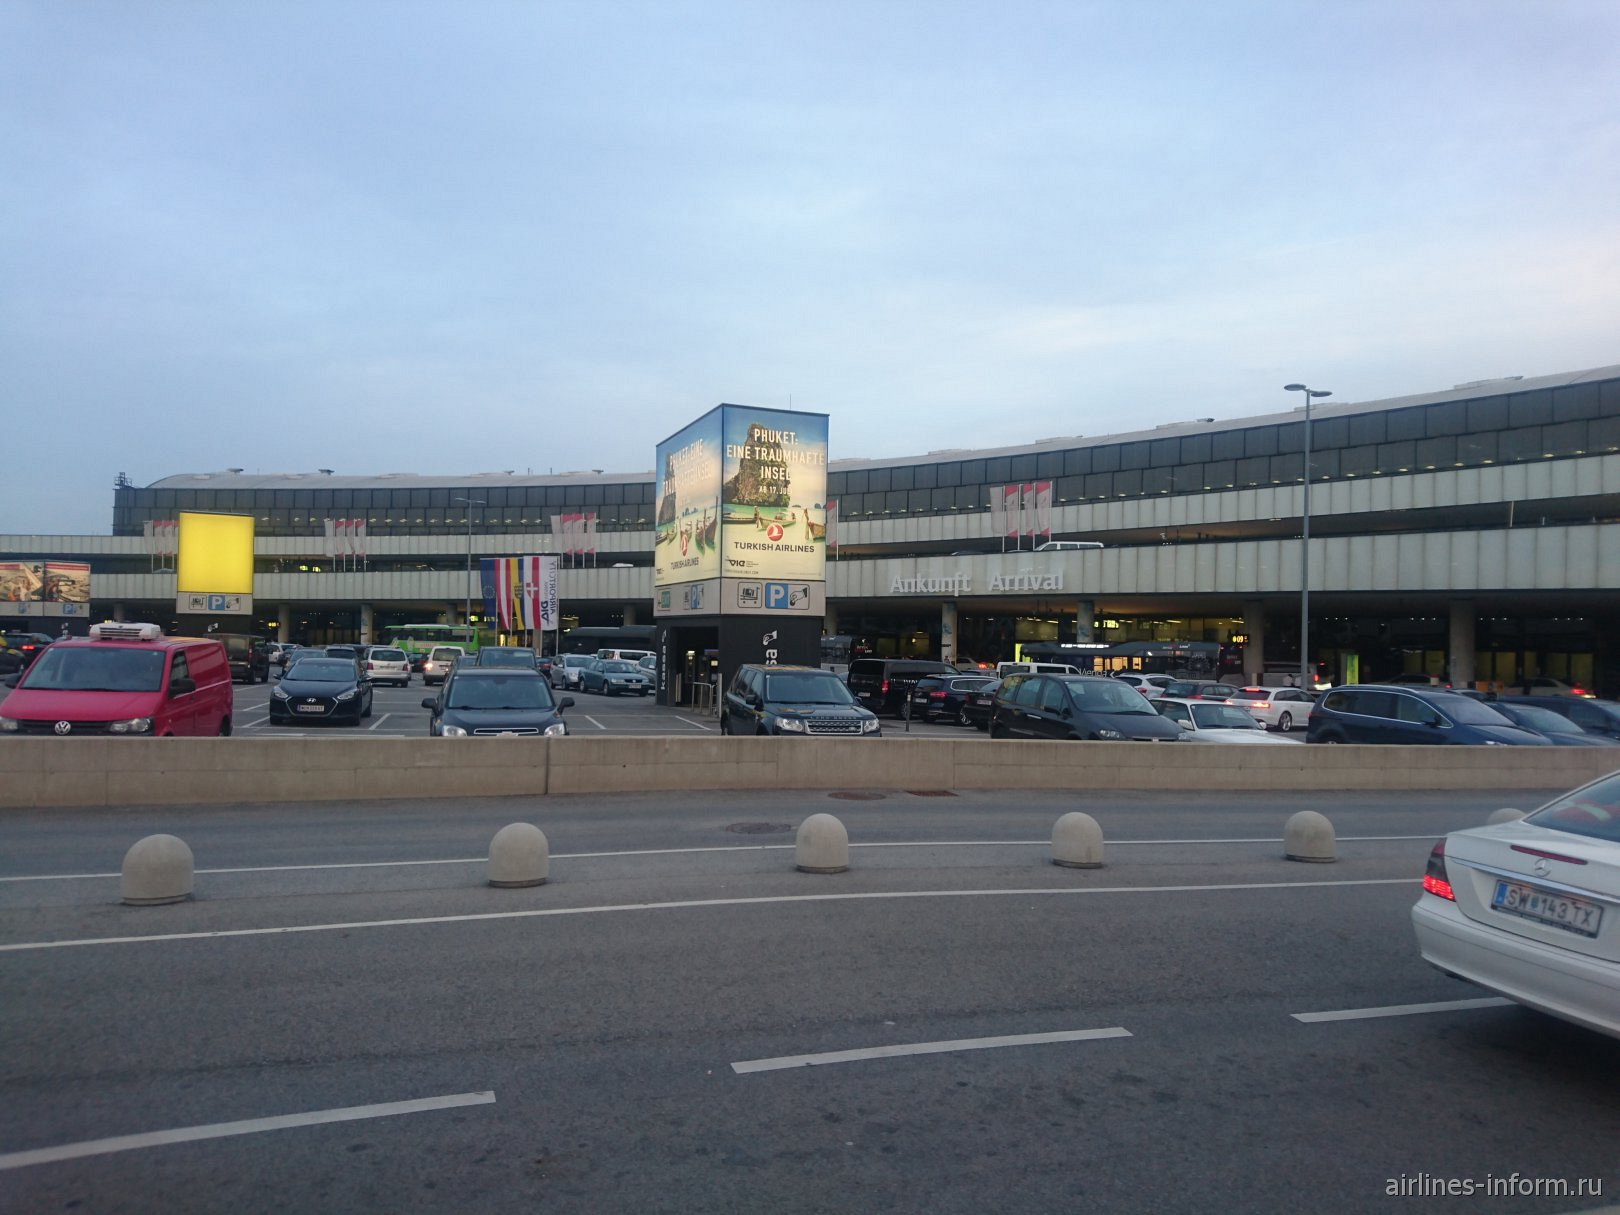 Привокзальная площадь аэропорта Вена Швехат